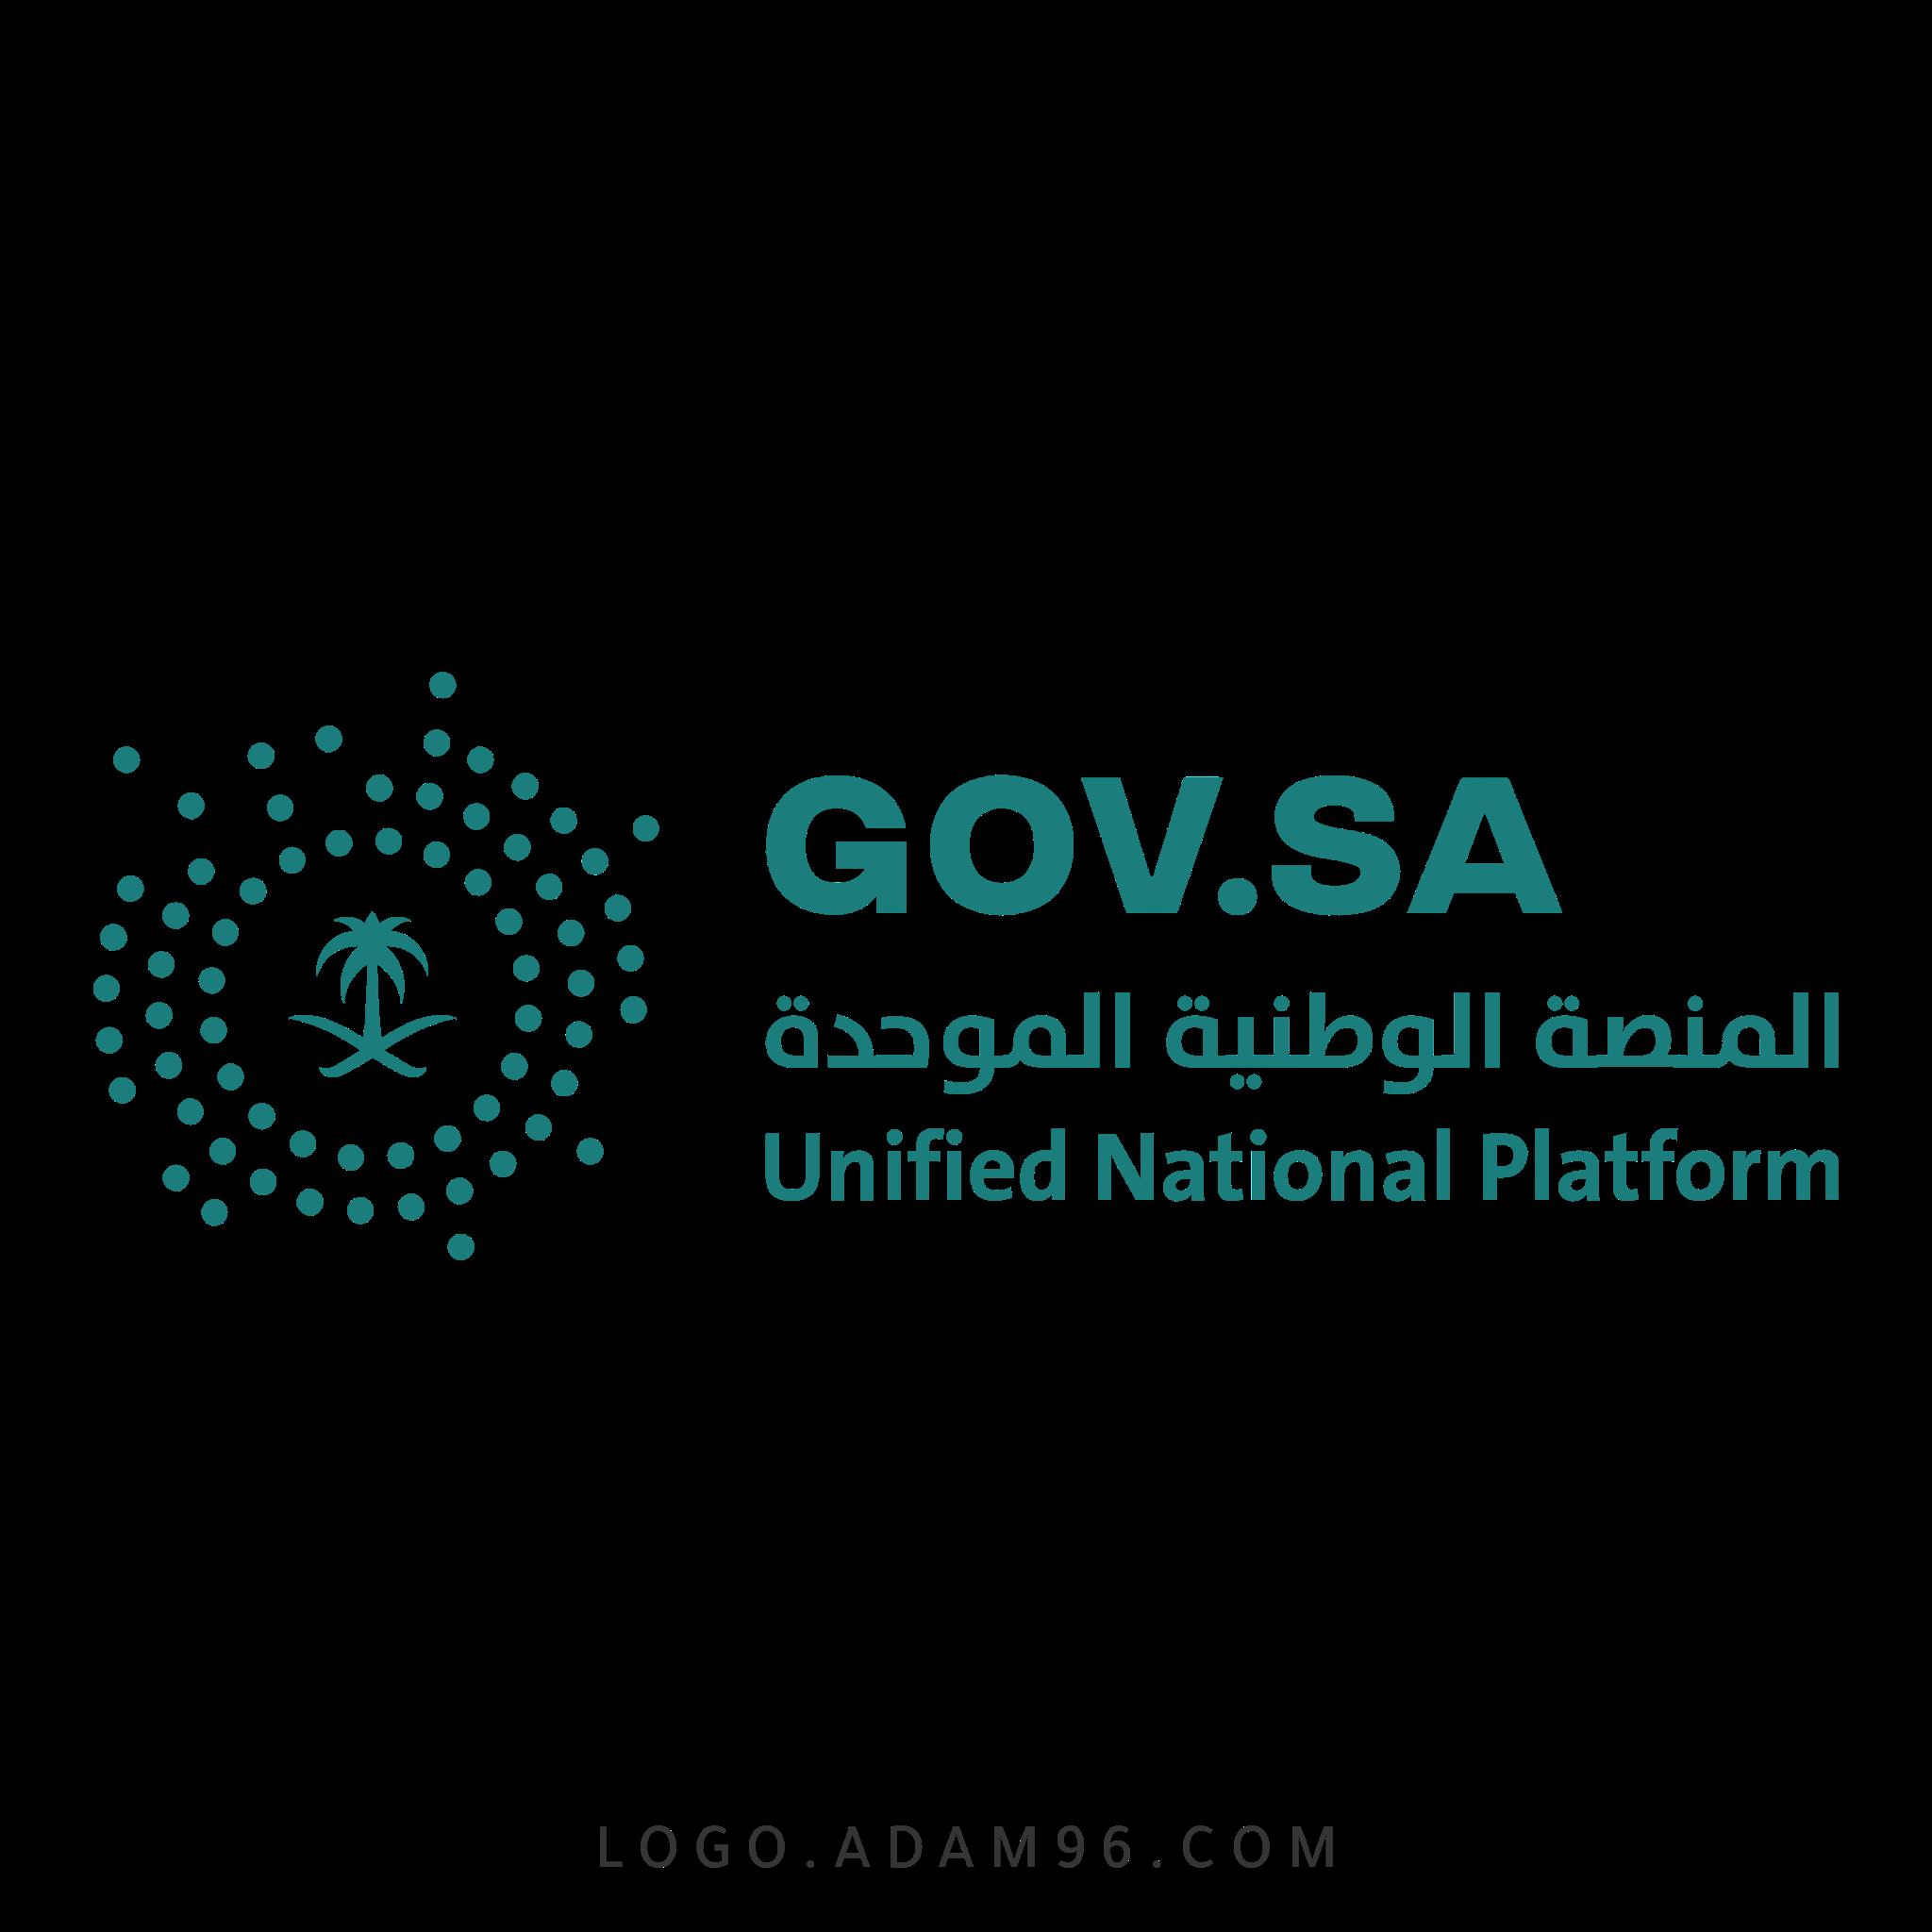 تحميل شعار المنصة الوطنية الموحدة السعودية لوجو رسمي عالي الجودة PNG